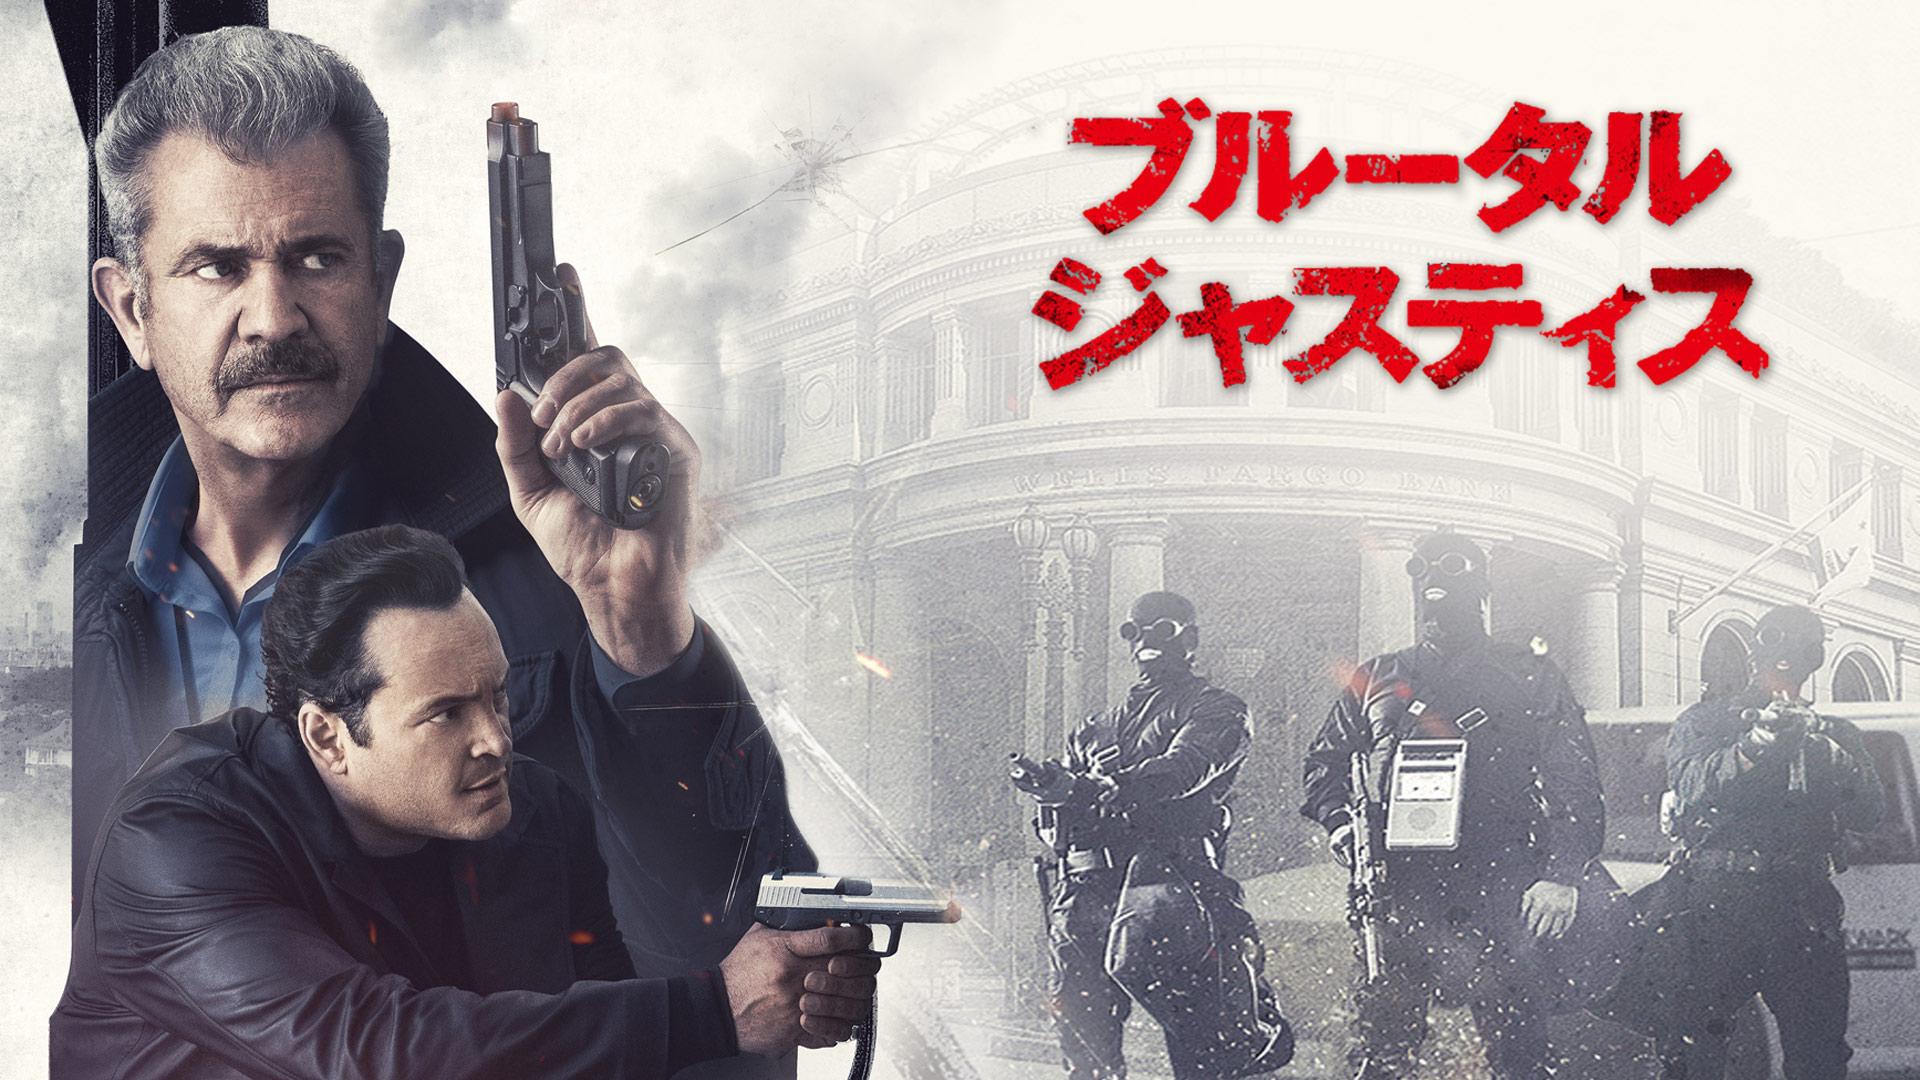 ブルータル・ジャスティス(字幕版)